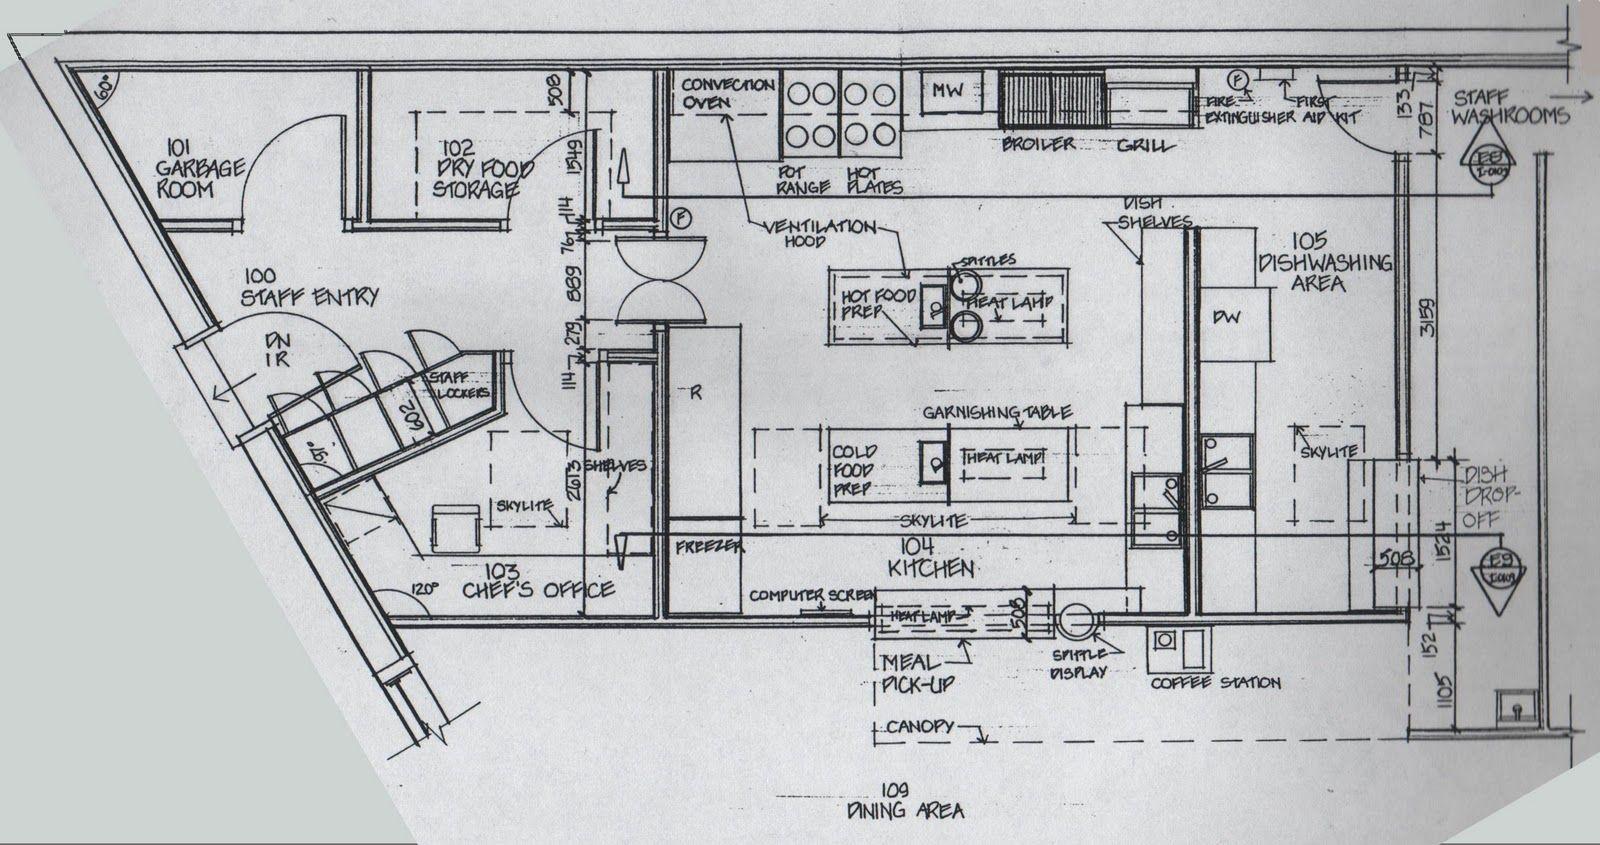 medium resolution of restaurant open kitchen layout design ideas 15070 kitchen ideas design